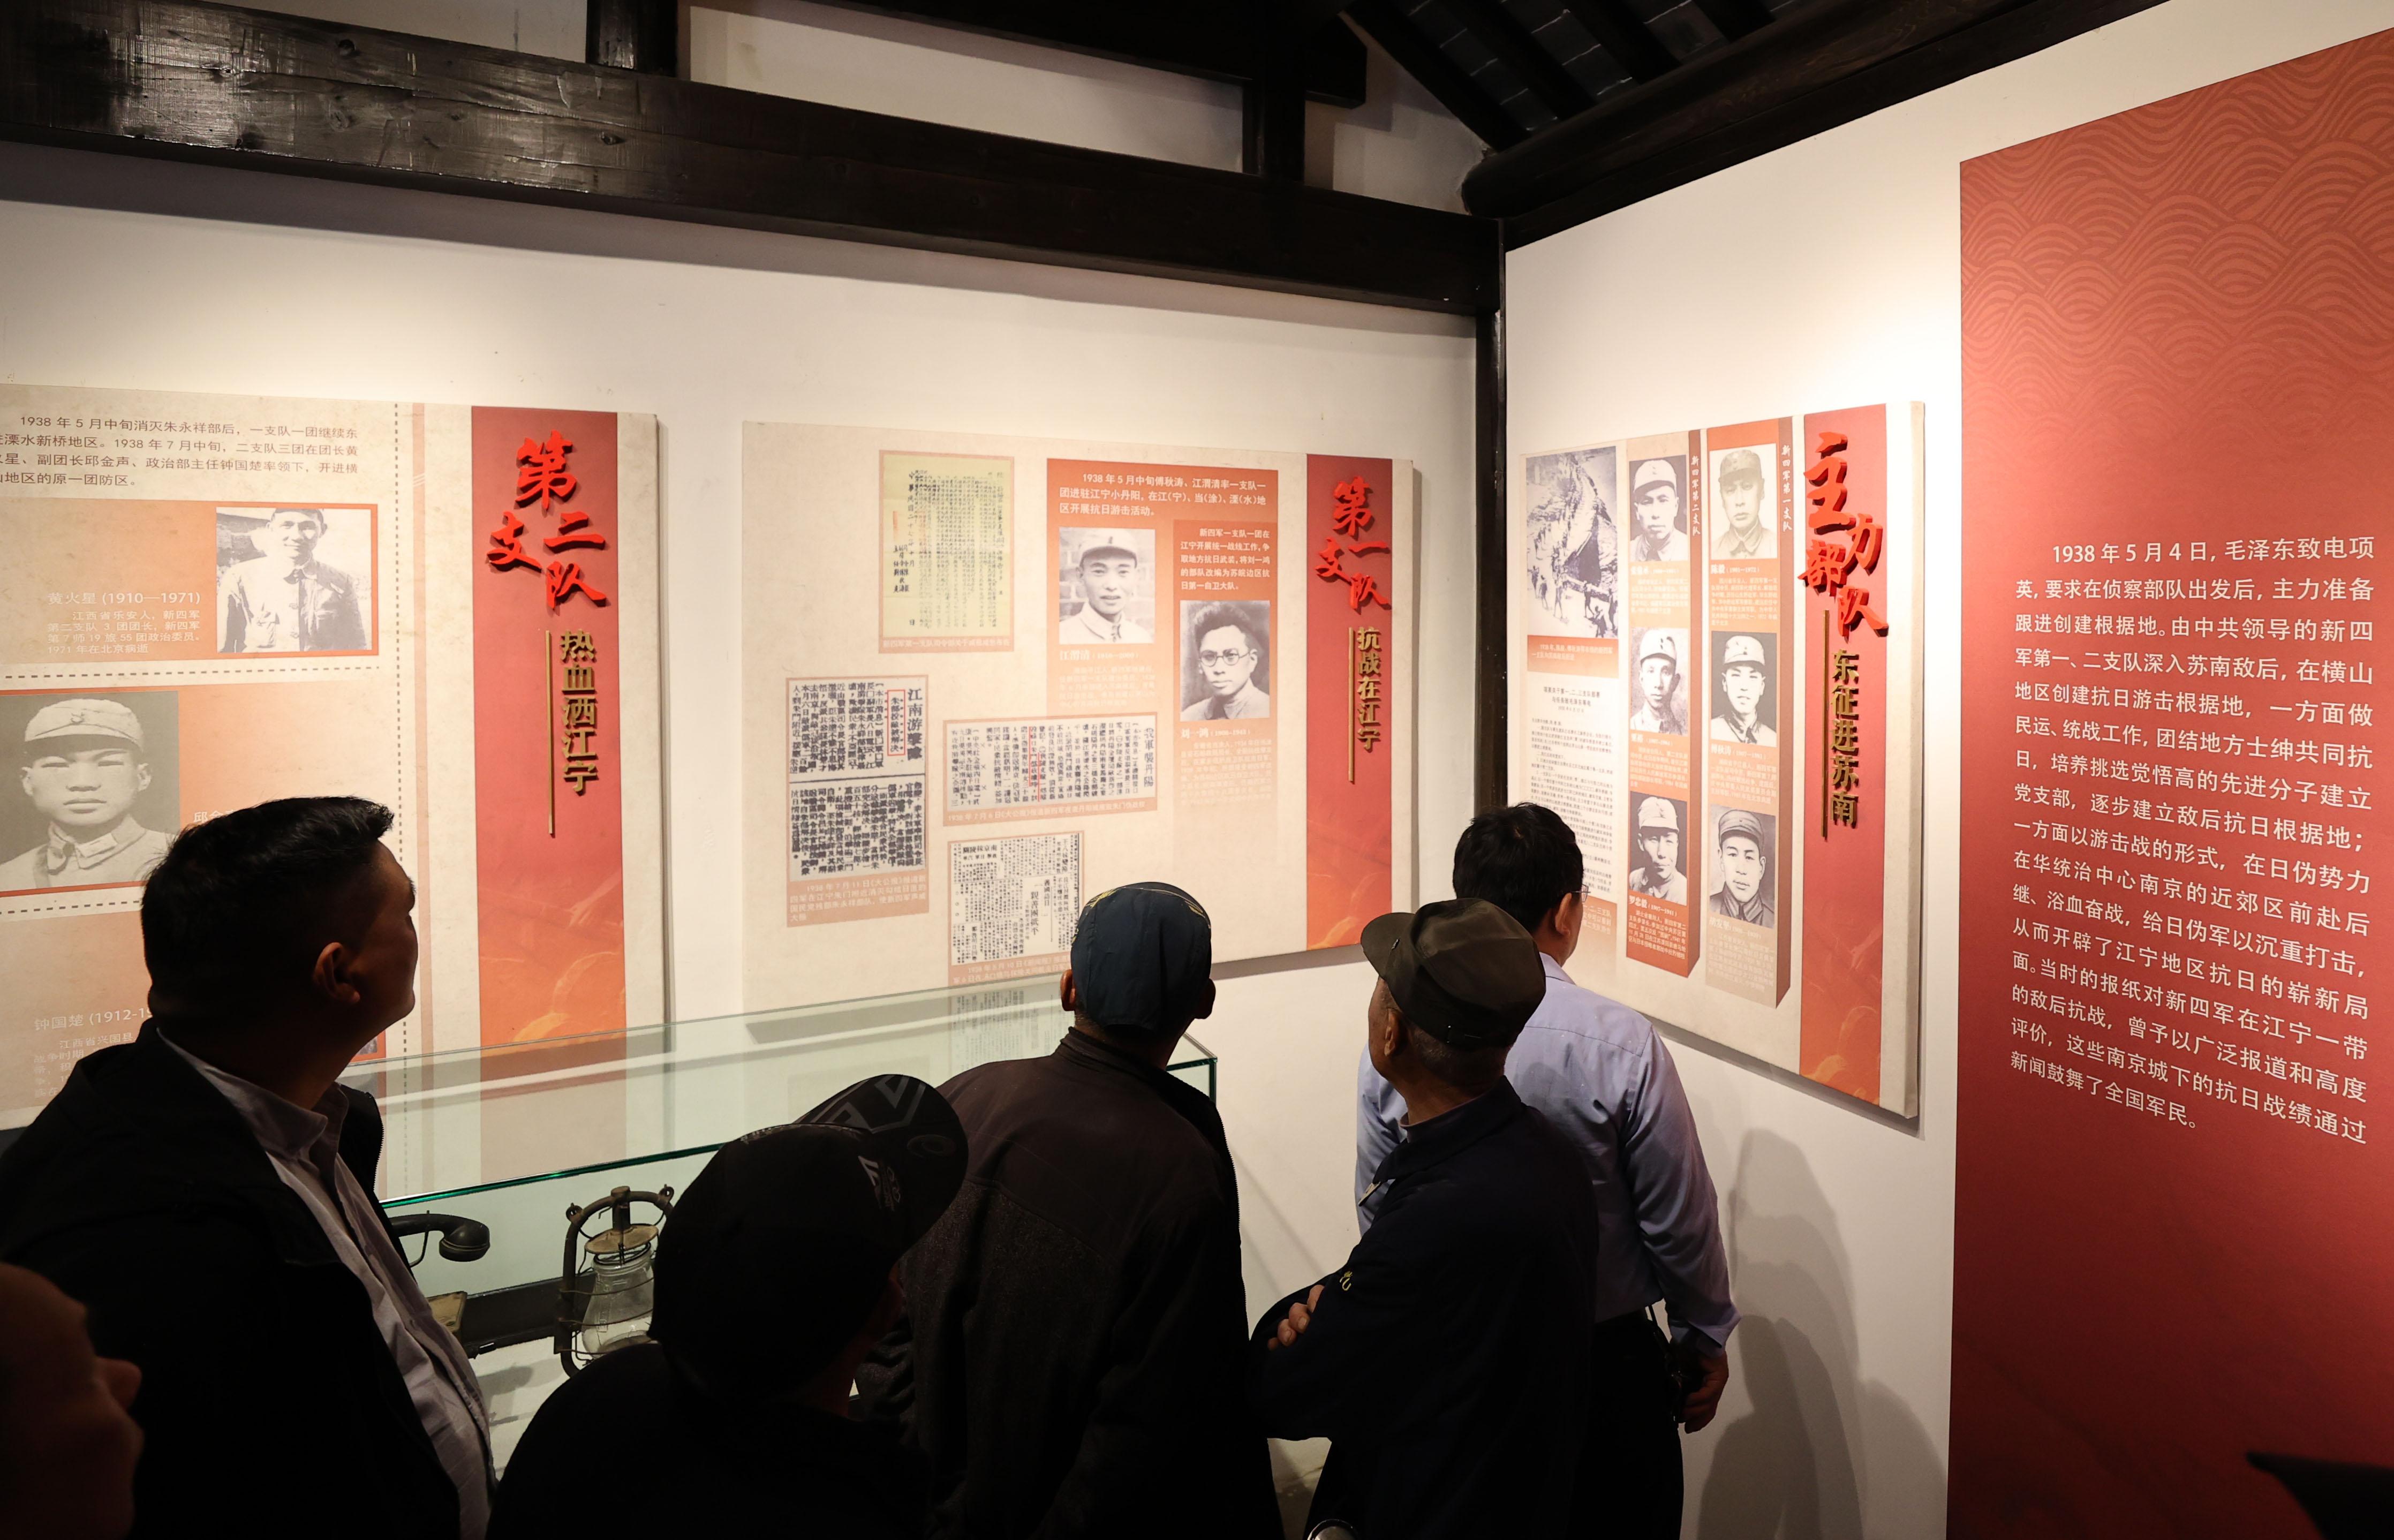 党员们阅读墙上的图文资料,详细了解了新四军华东抗战的光辉业绩和悲壮故事,对日军侵华罪行和军民共同抗击日寇的史实有了更加深刻的认识。南报融媒体记者 冯芃 摄